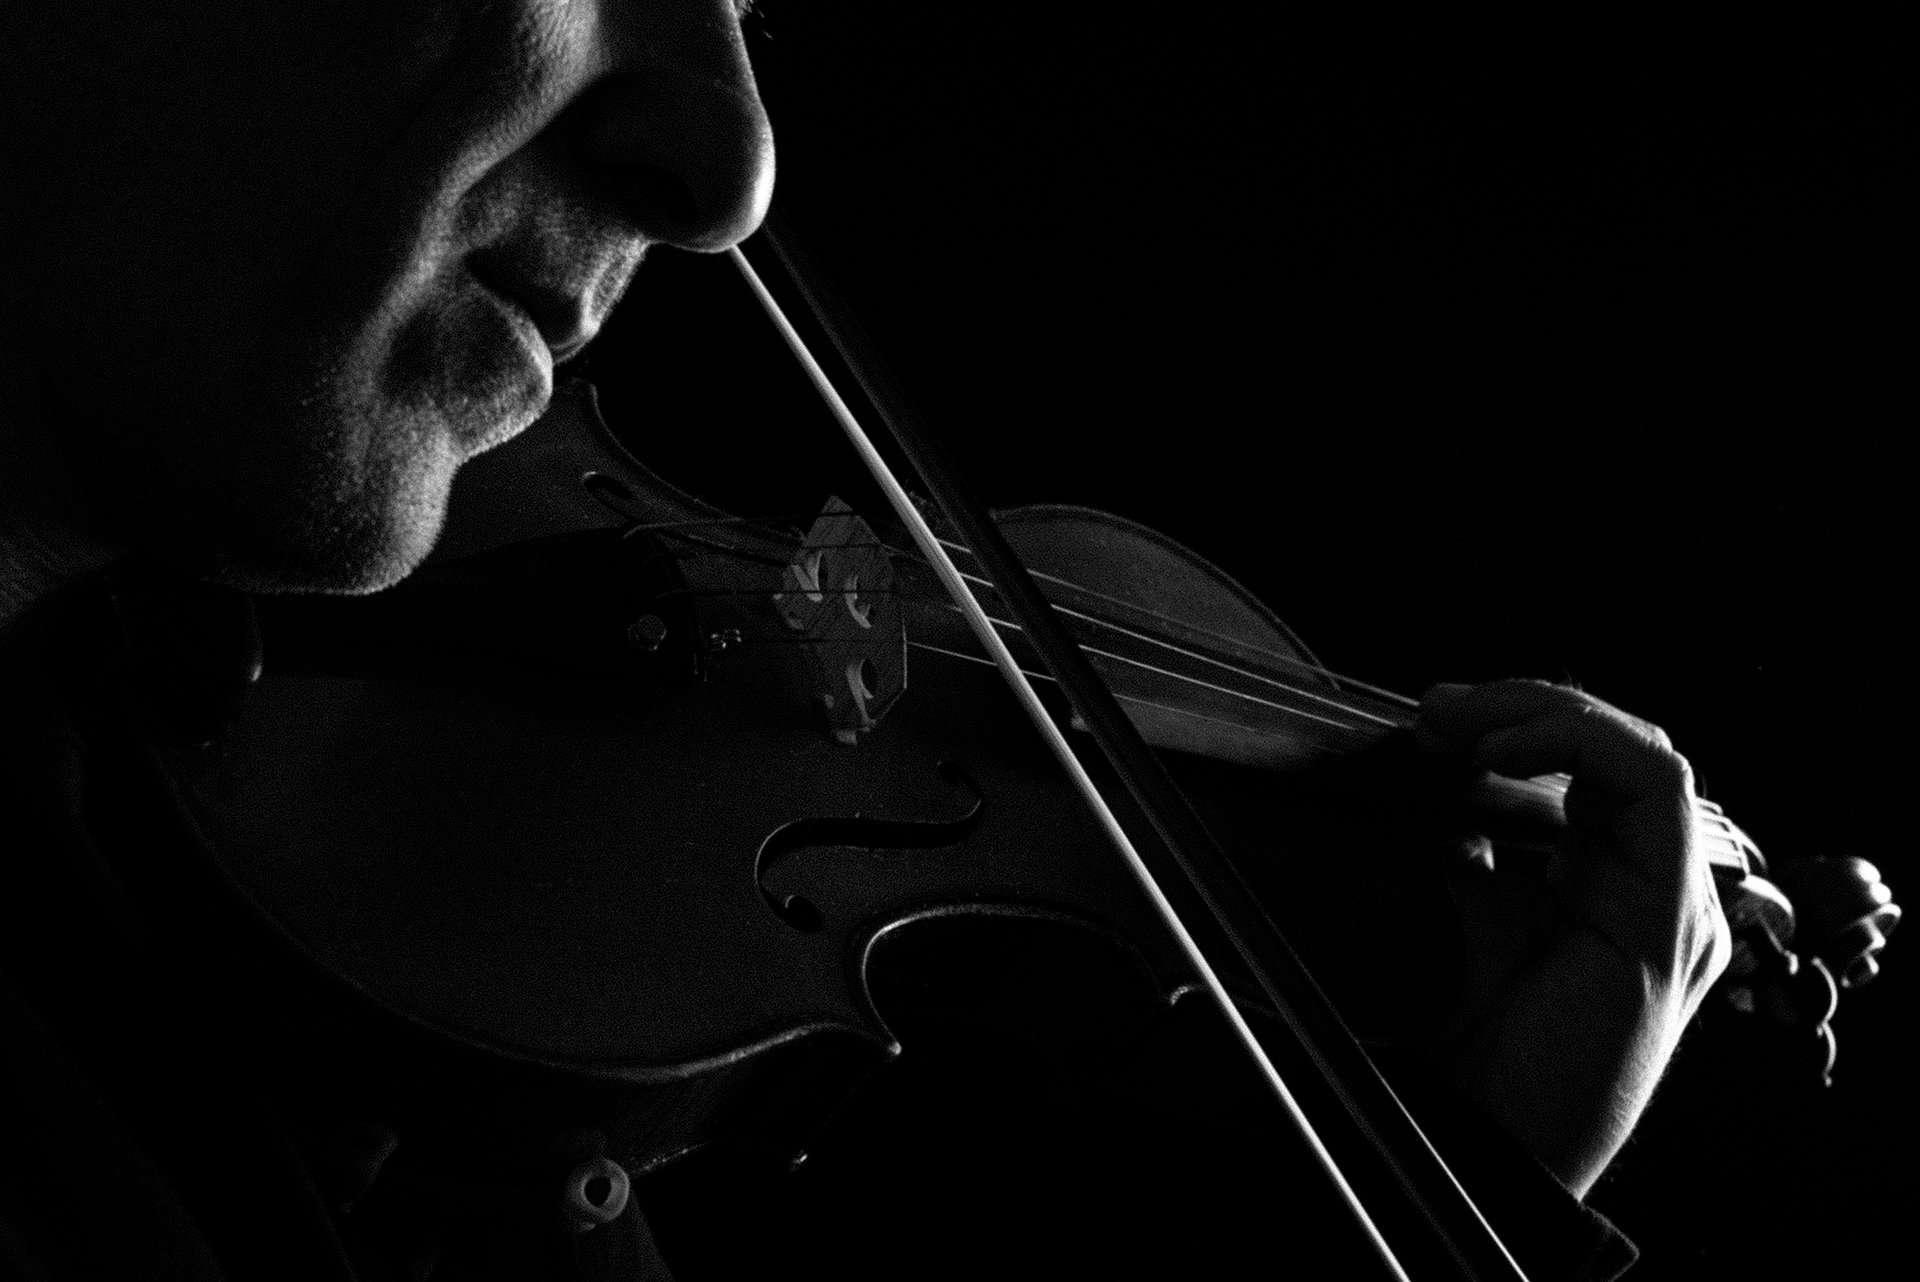 Fotografia violino elettrico di Barbara Trincone Fotografo professionista a Napoli specializzata in fotografia musicale, ritratti per artisti, gruppi, attori, cantanti, musicisti e performer